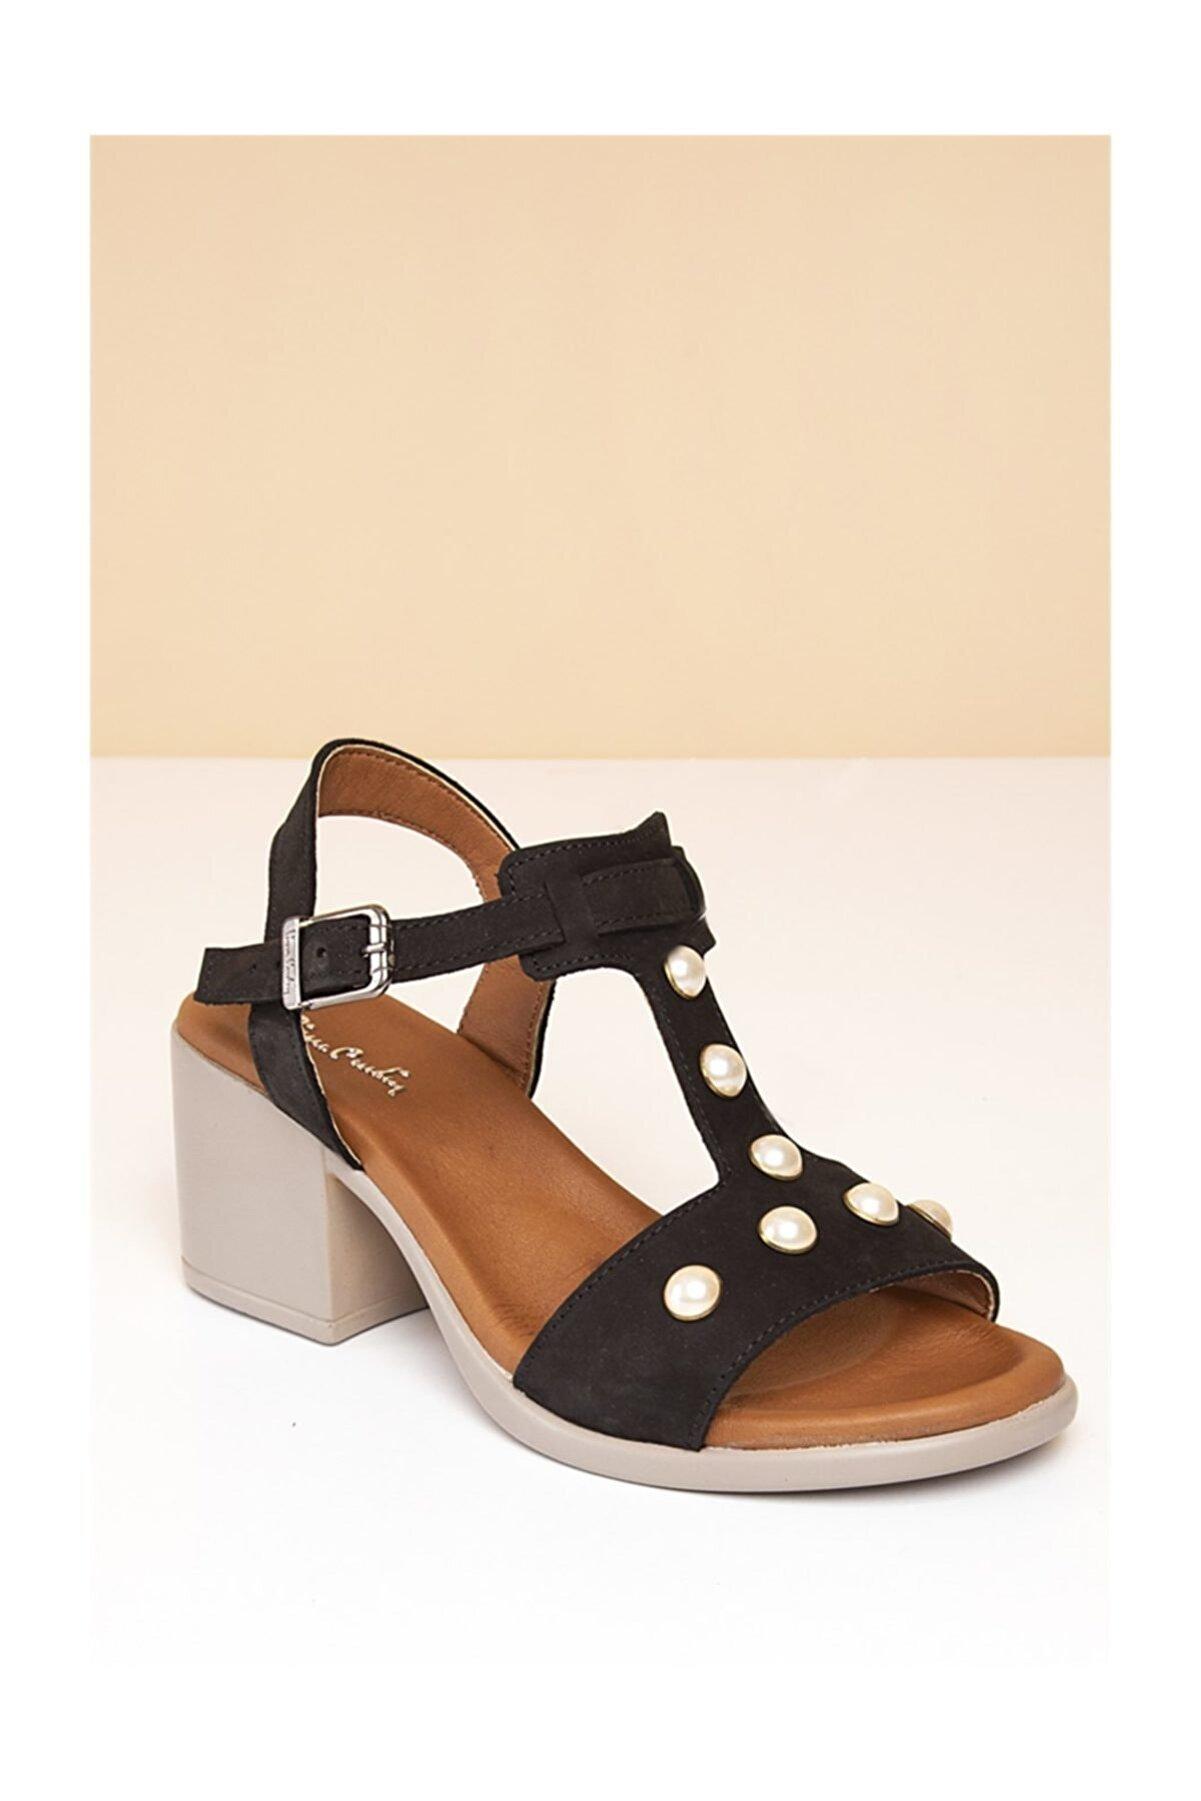 Pierre Cardin Pc-2759 Siyah Kadın Sandalet